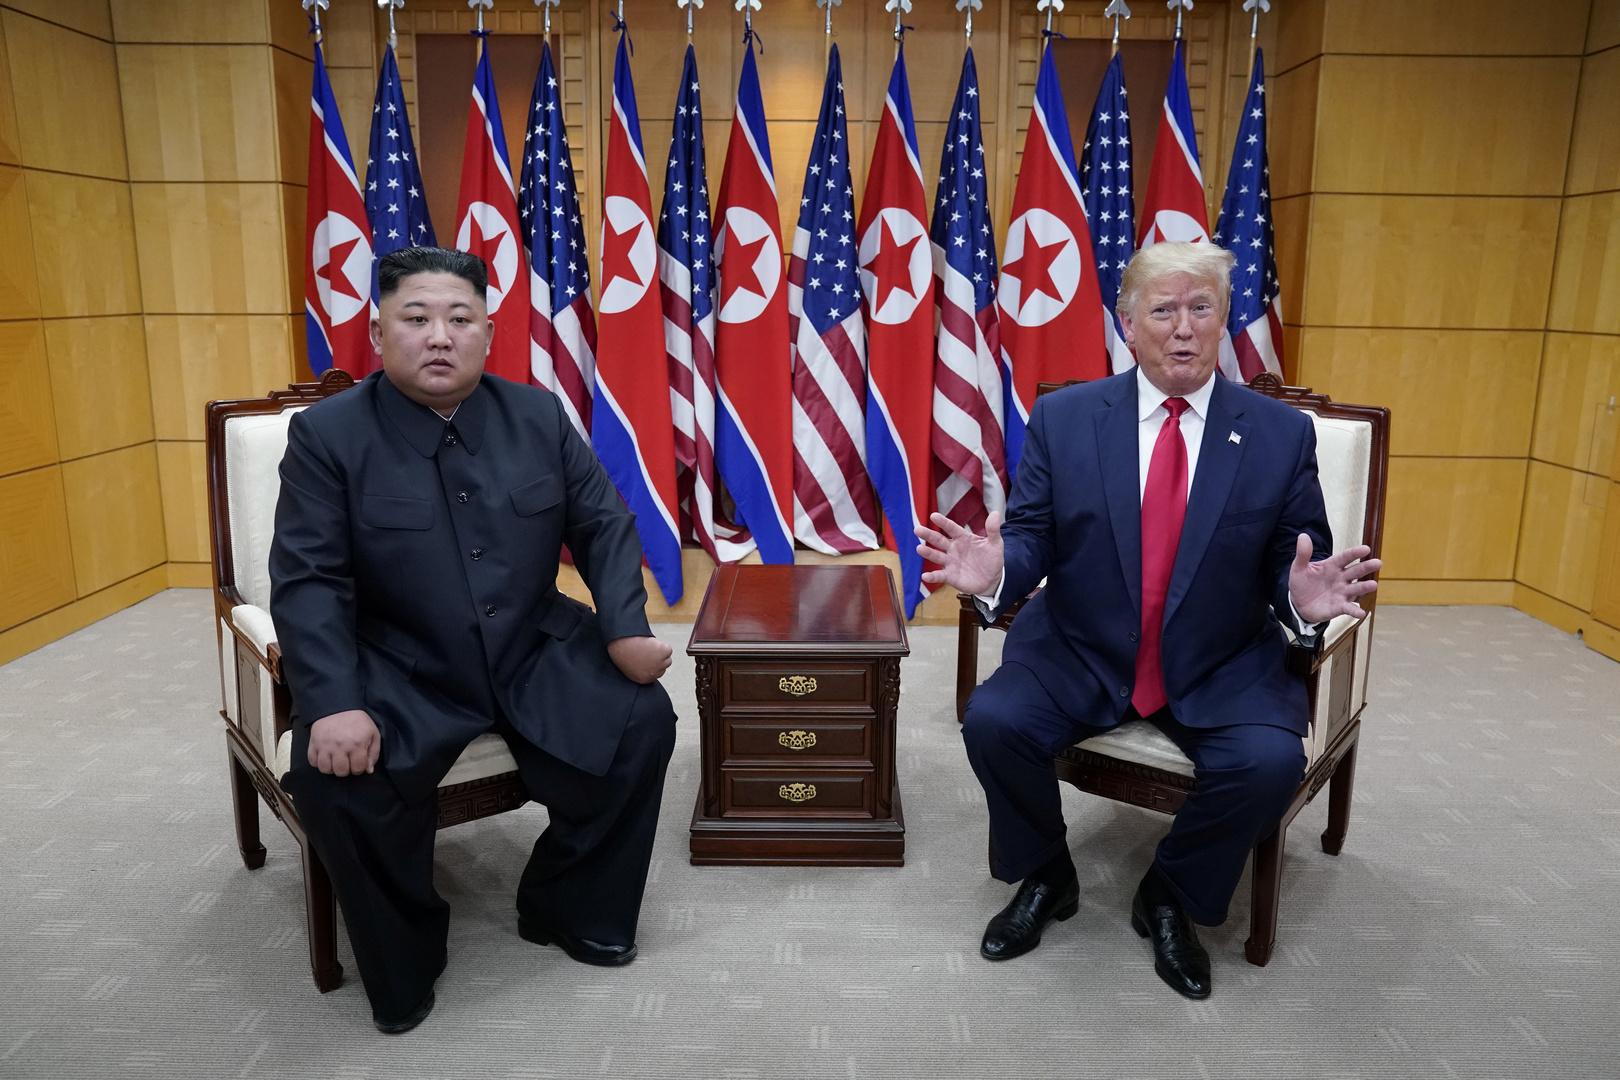 تفاؤل أمريكي باستئناف المحادثات مع بيونغ يانغ في ستوكهولم